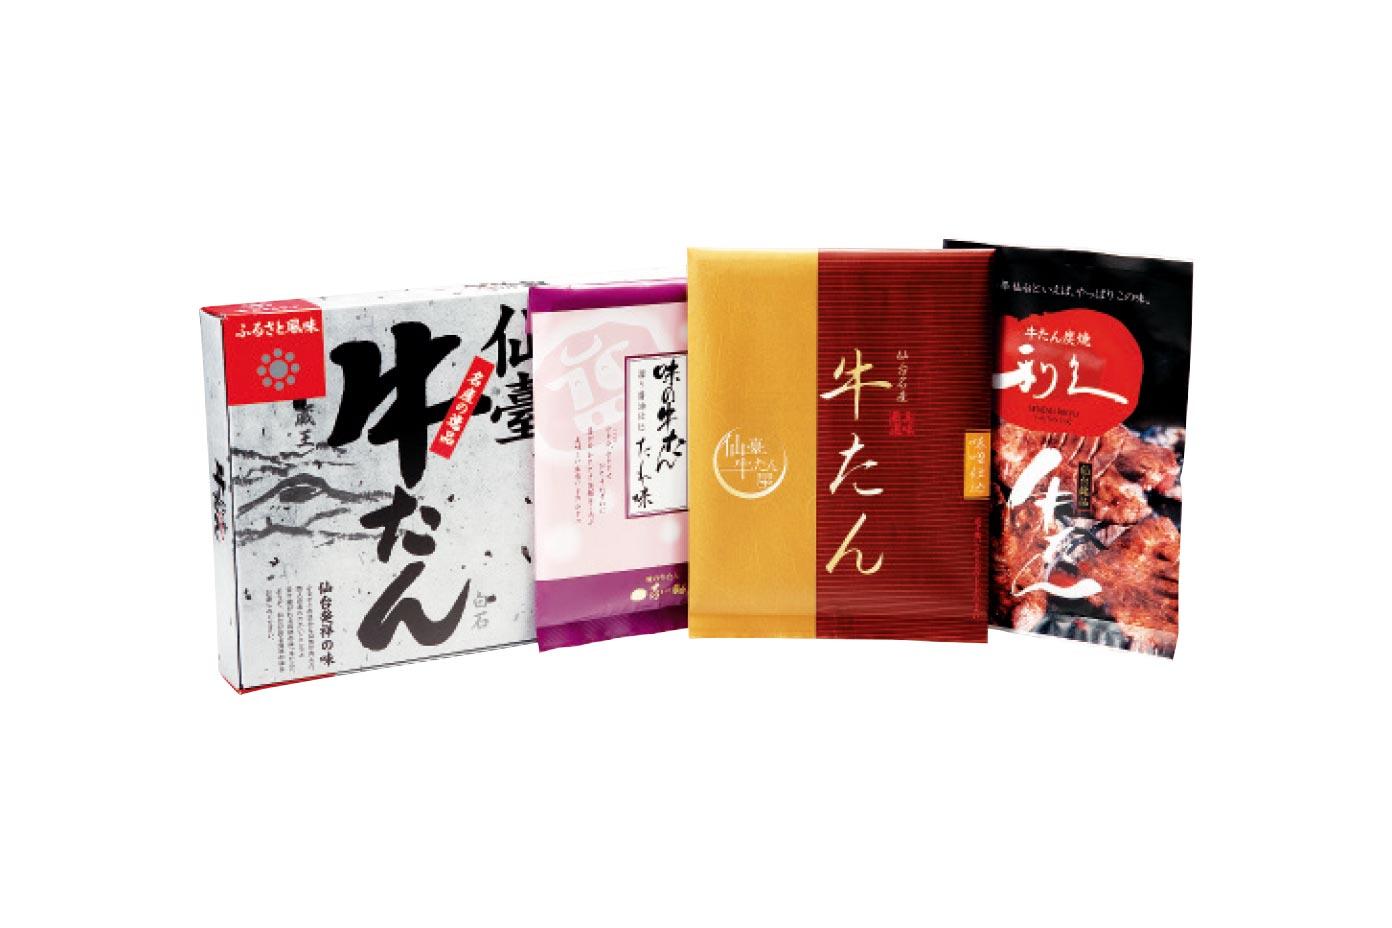 【宮城】名店の味わい 牛たん3味食べくらべ